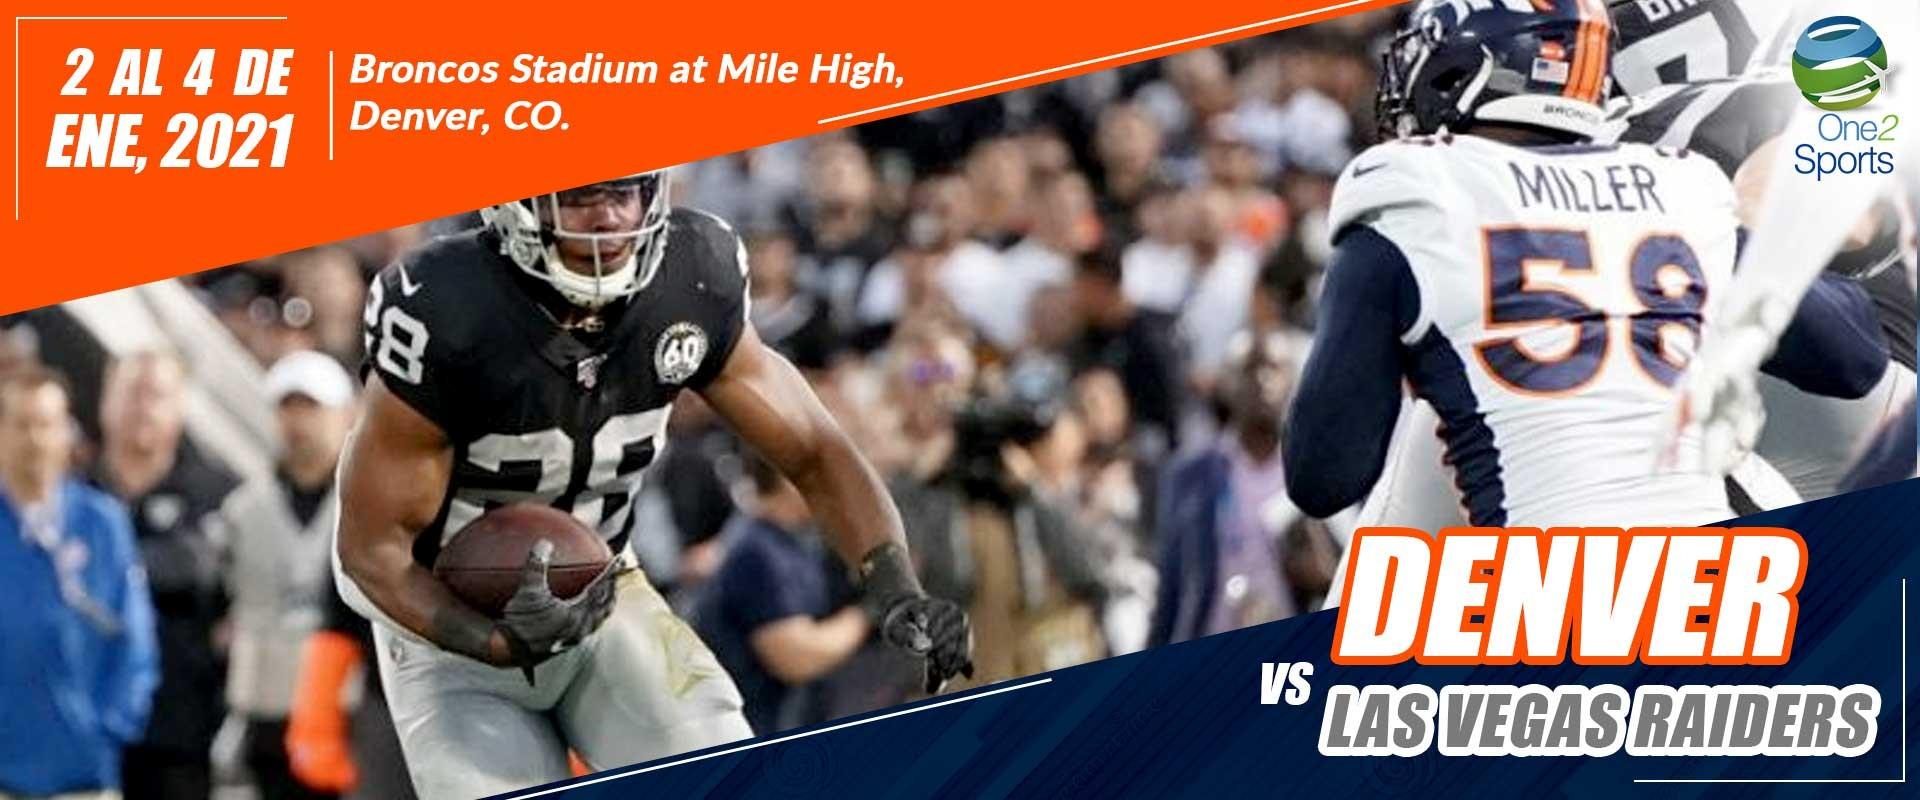 Denver vs Las Vegas Raiders